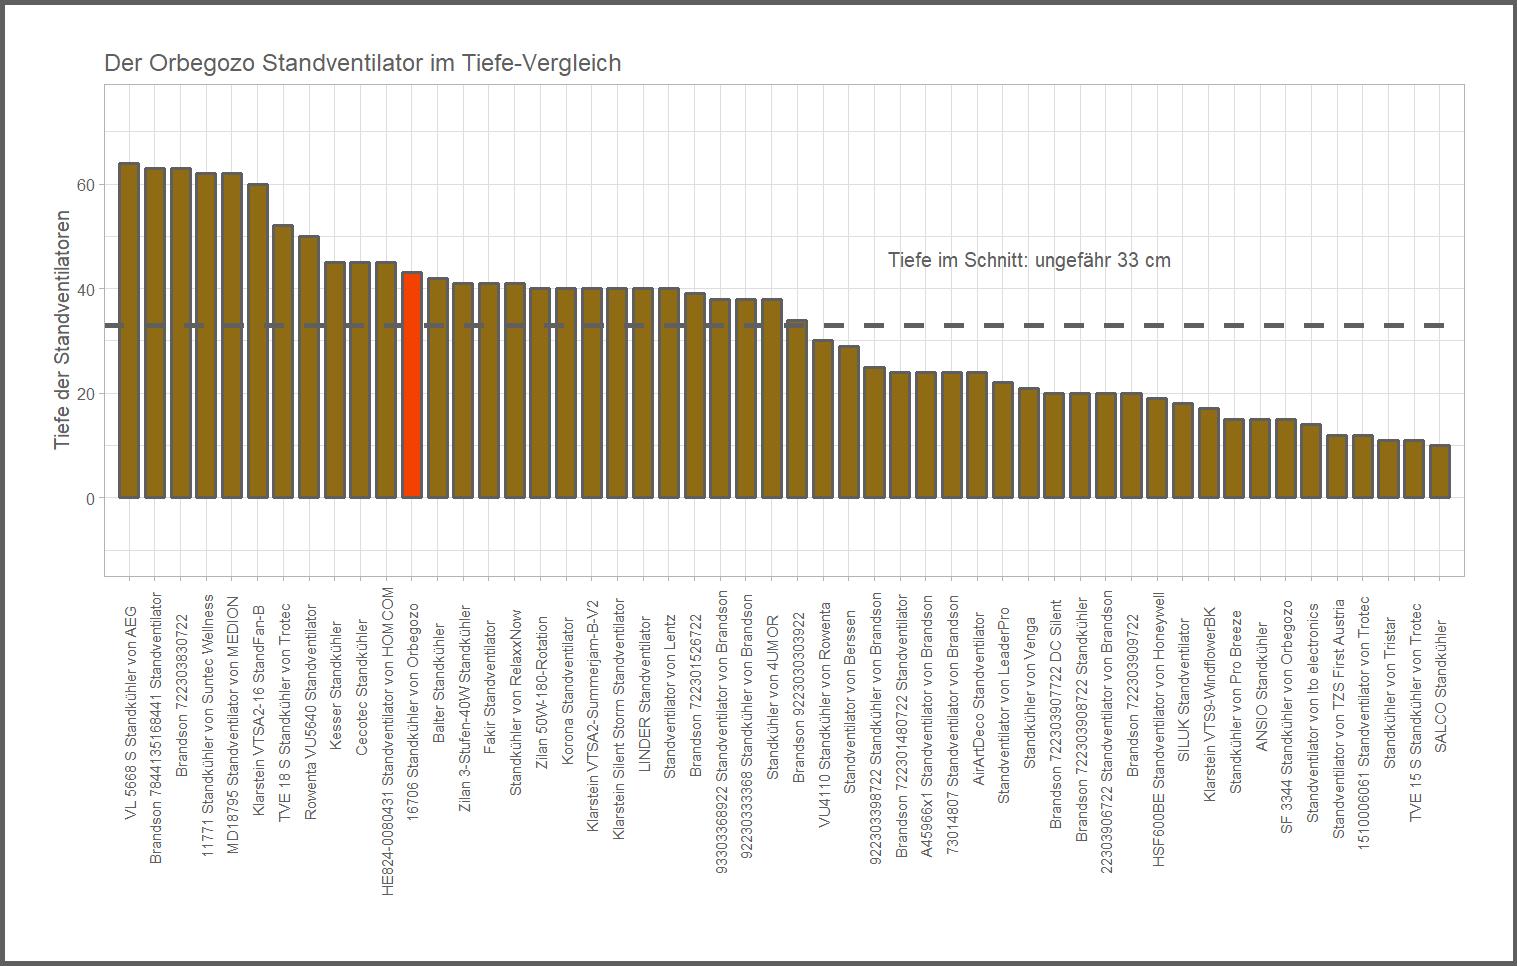 Tiefe-Vergleich von dem Orbegozo Standkühler 16706